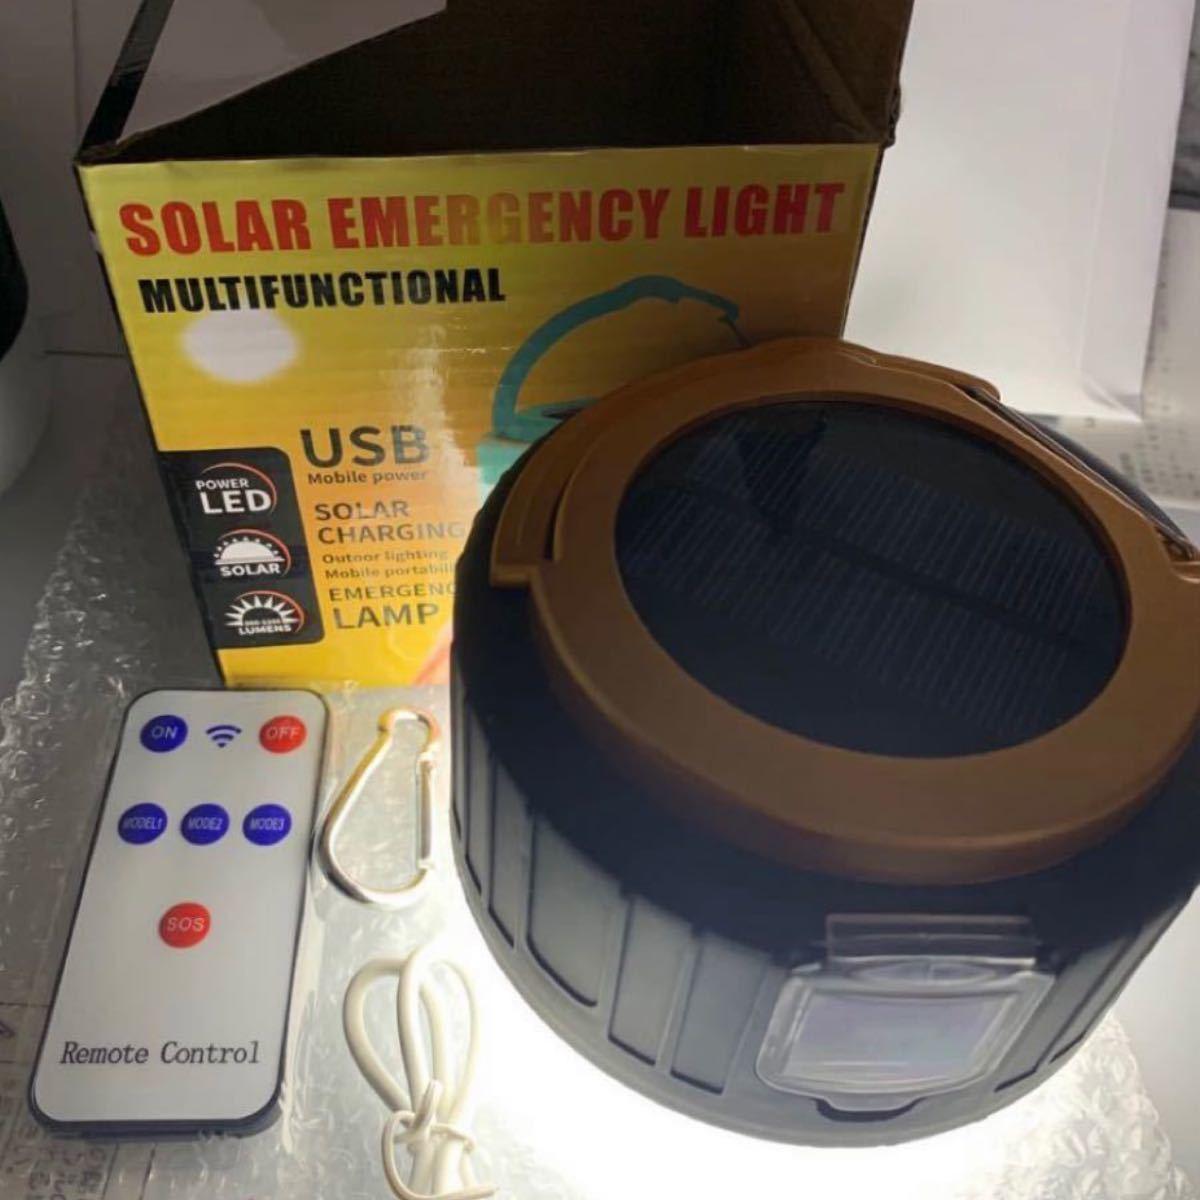 【最新版】LEDランタン ソーラーランタン 高輝度 キャンプランタン usb充電式 リモコン 付き携帯型 防水仕様 災害グッズ